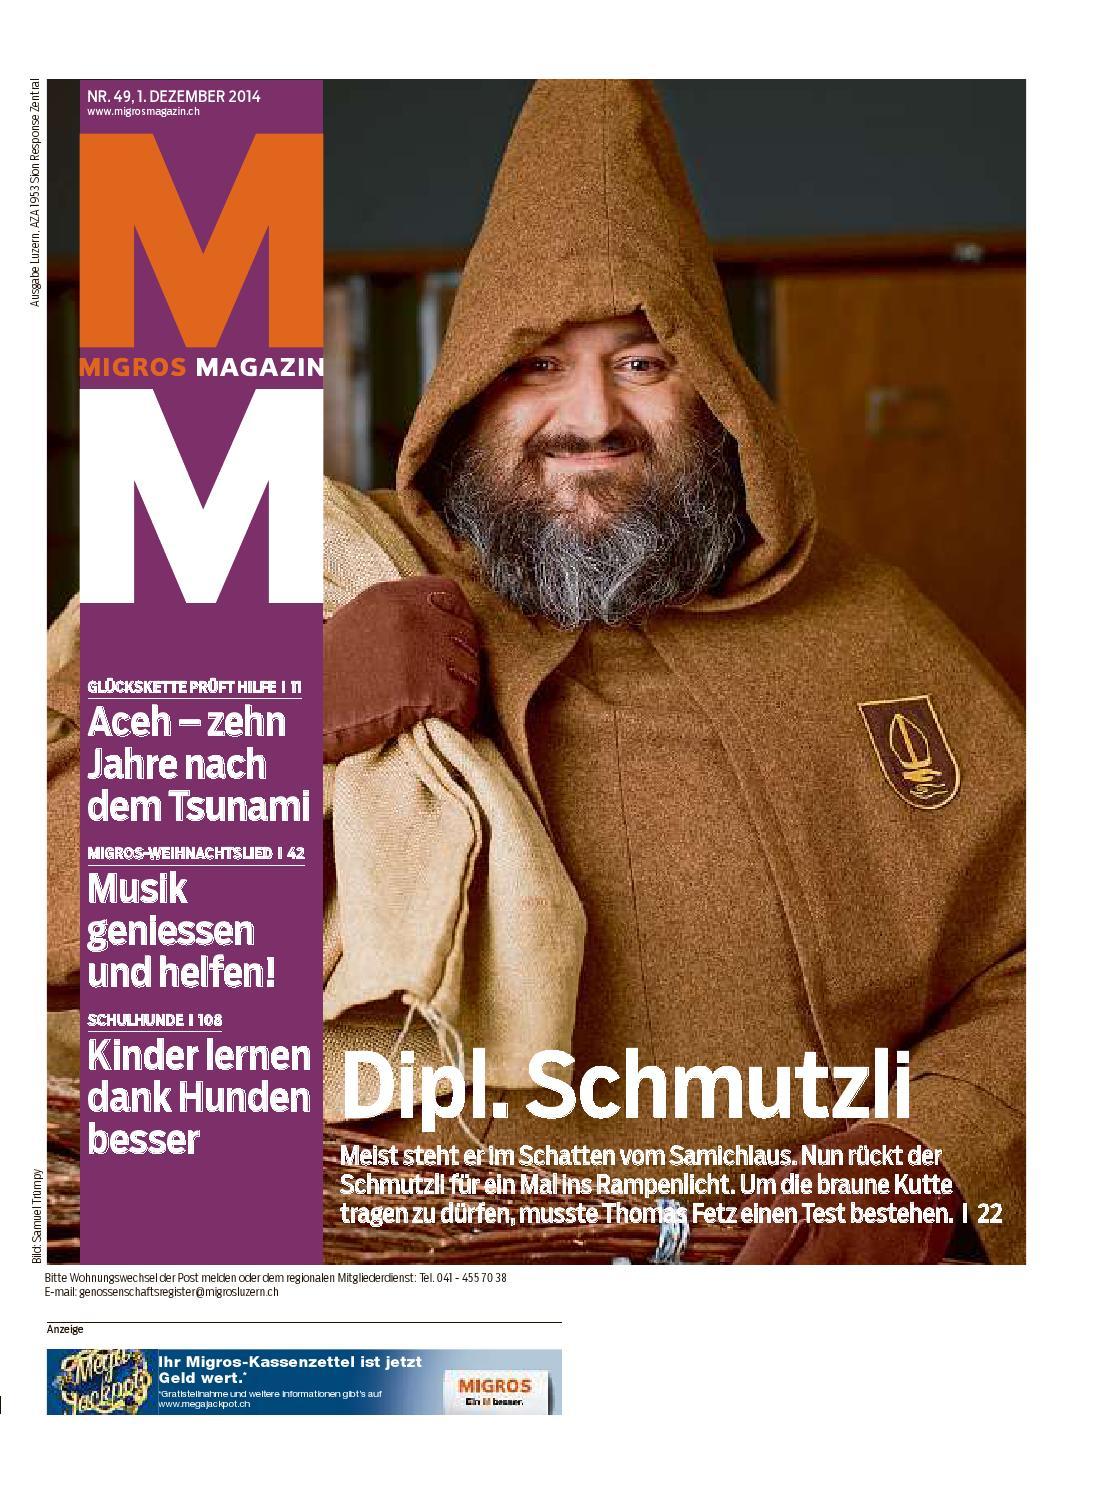 Migros magazin 49 2014 d lu by Migros-Genossenschafts-Bund - issuu